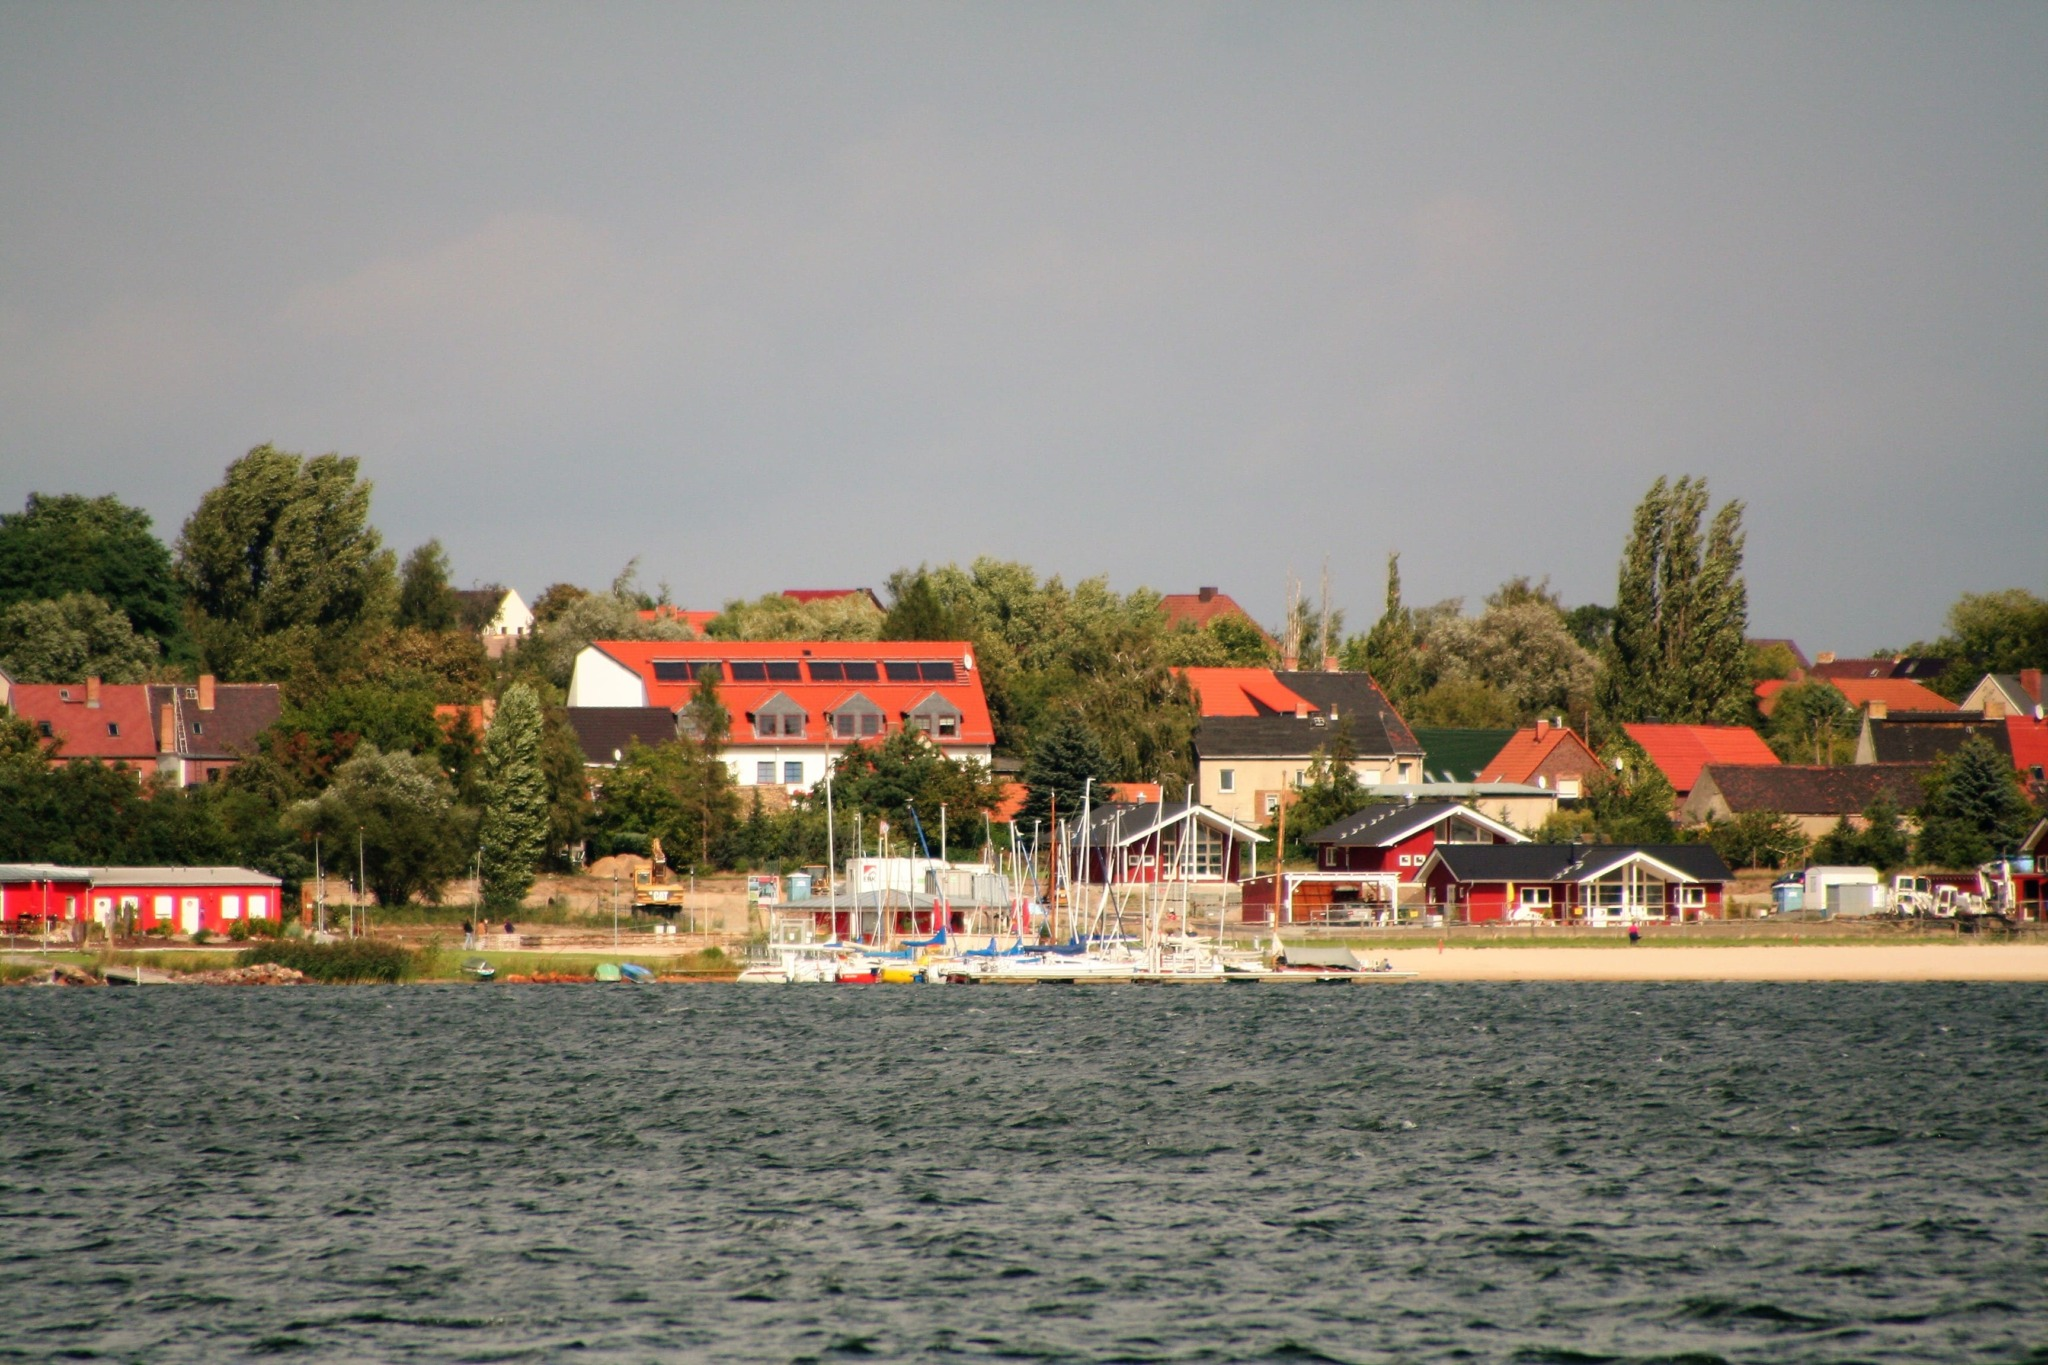 Gewässer mit Strand und Booten